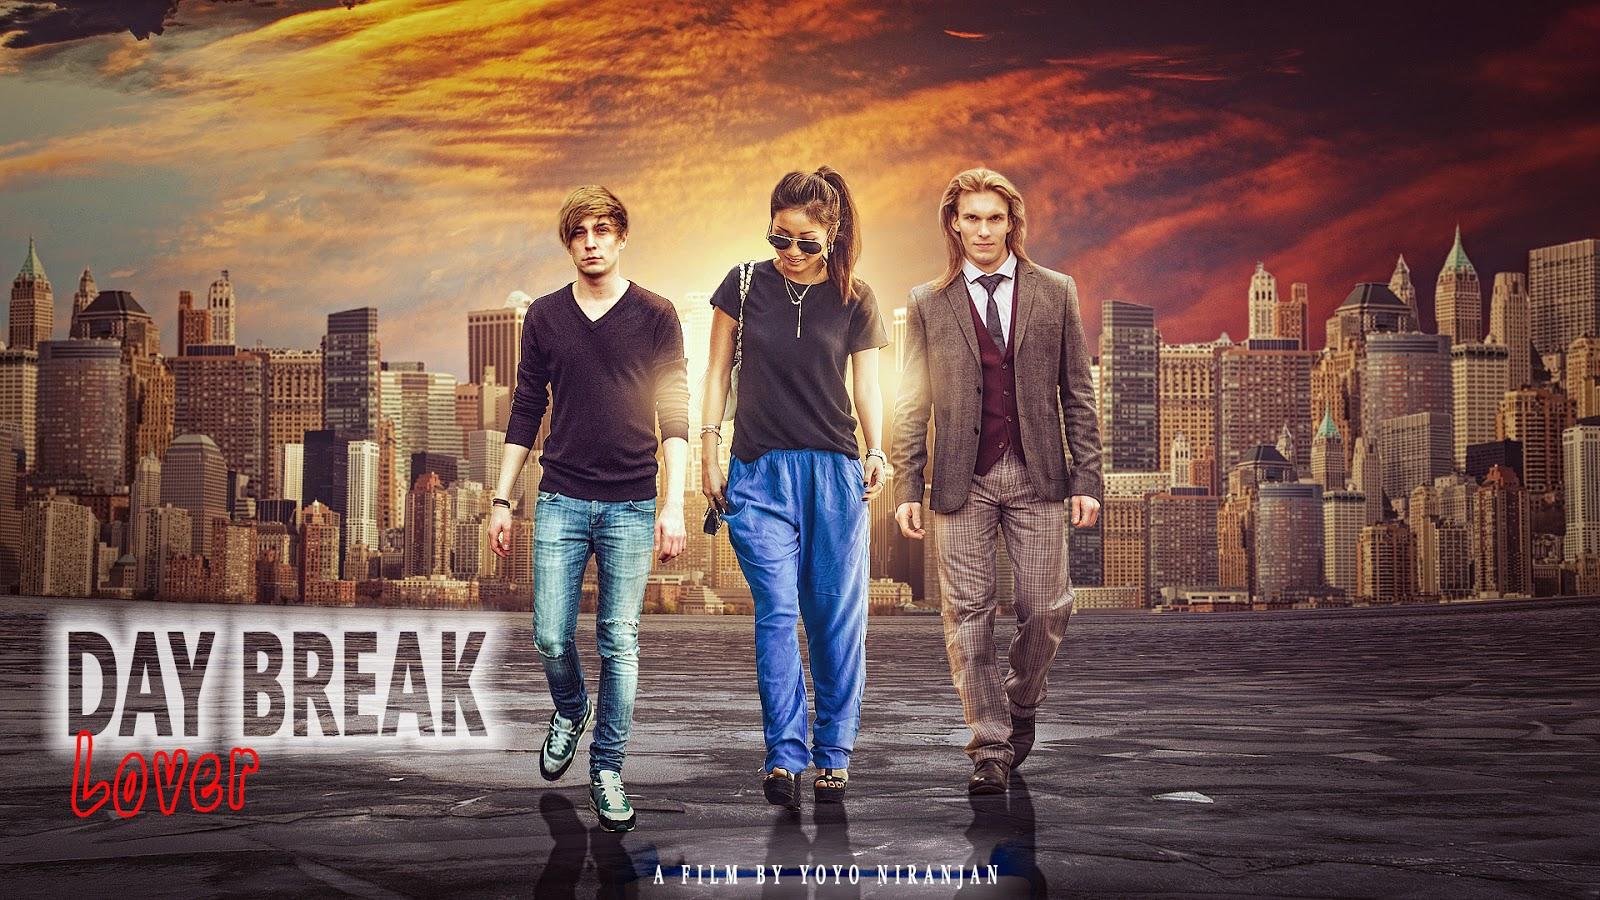 Photoshop cc tutorial daybreak lover movie poster yo yo niranjan photoshop cc tutorial daybreak lover movie poster baditri Gallery